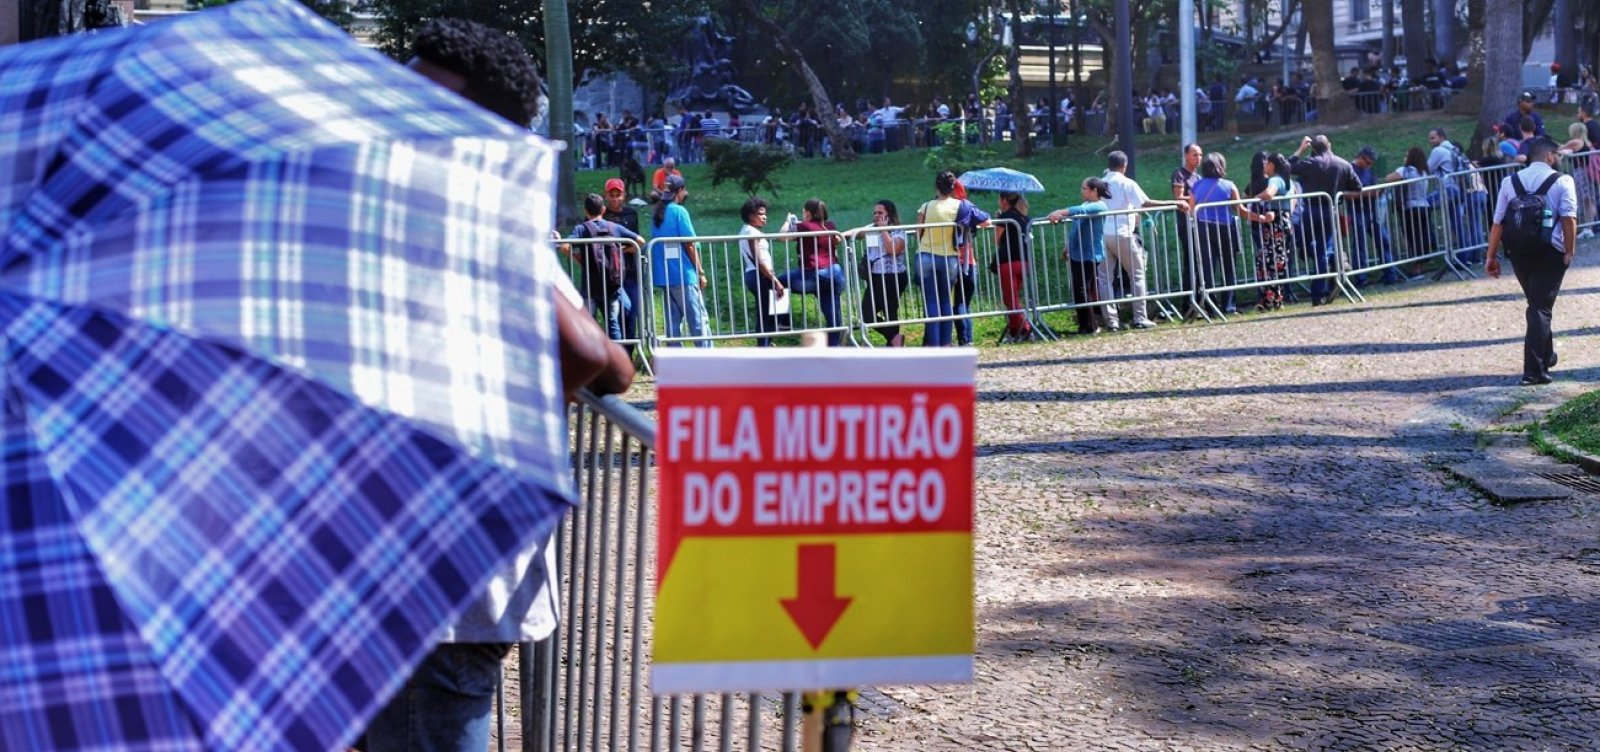 [Desemprego no Brasil bate recorde e atinge 14 milhões de pessoas]